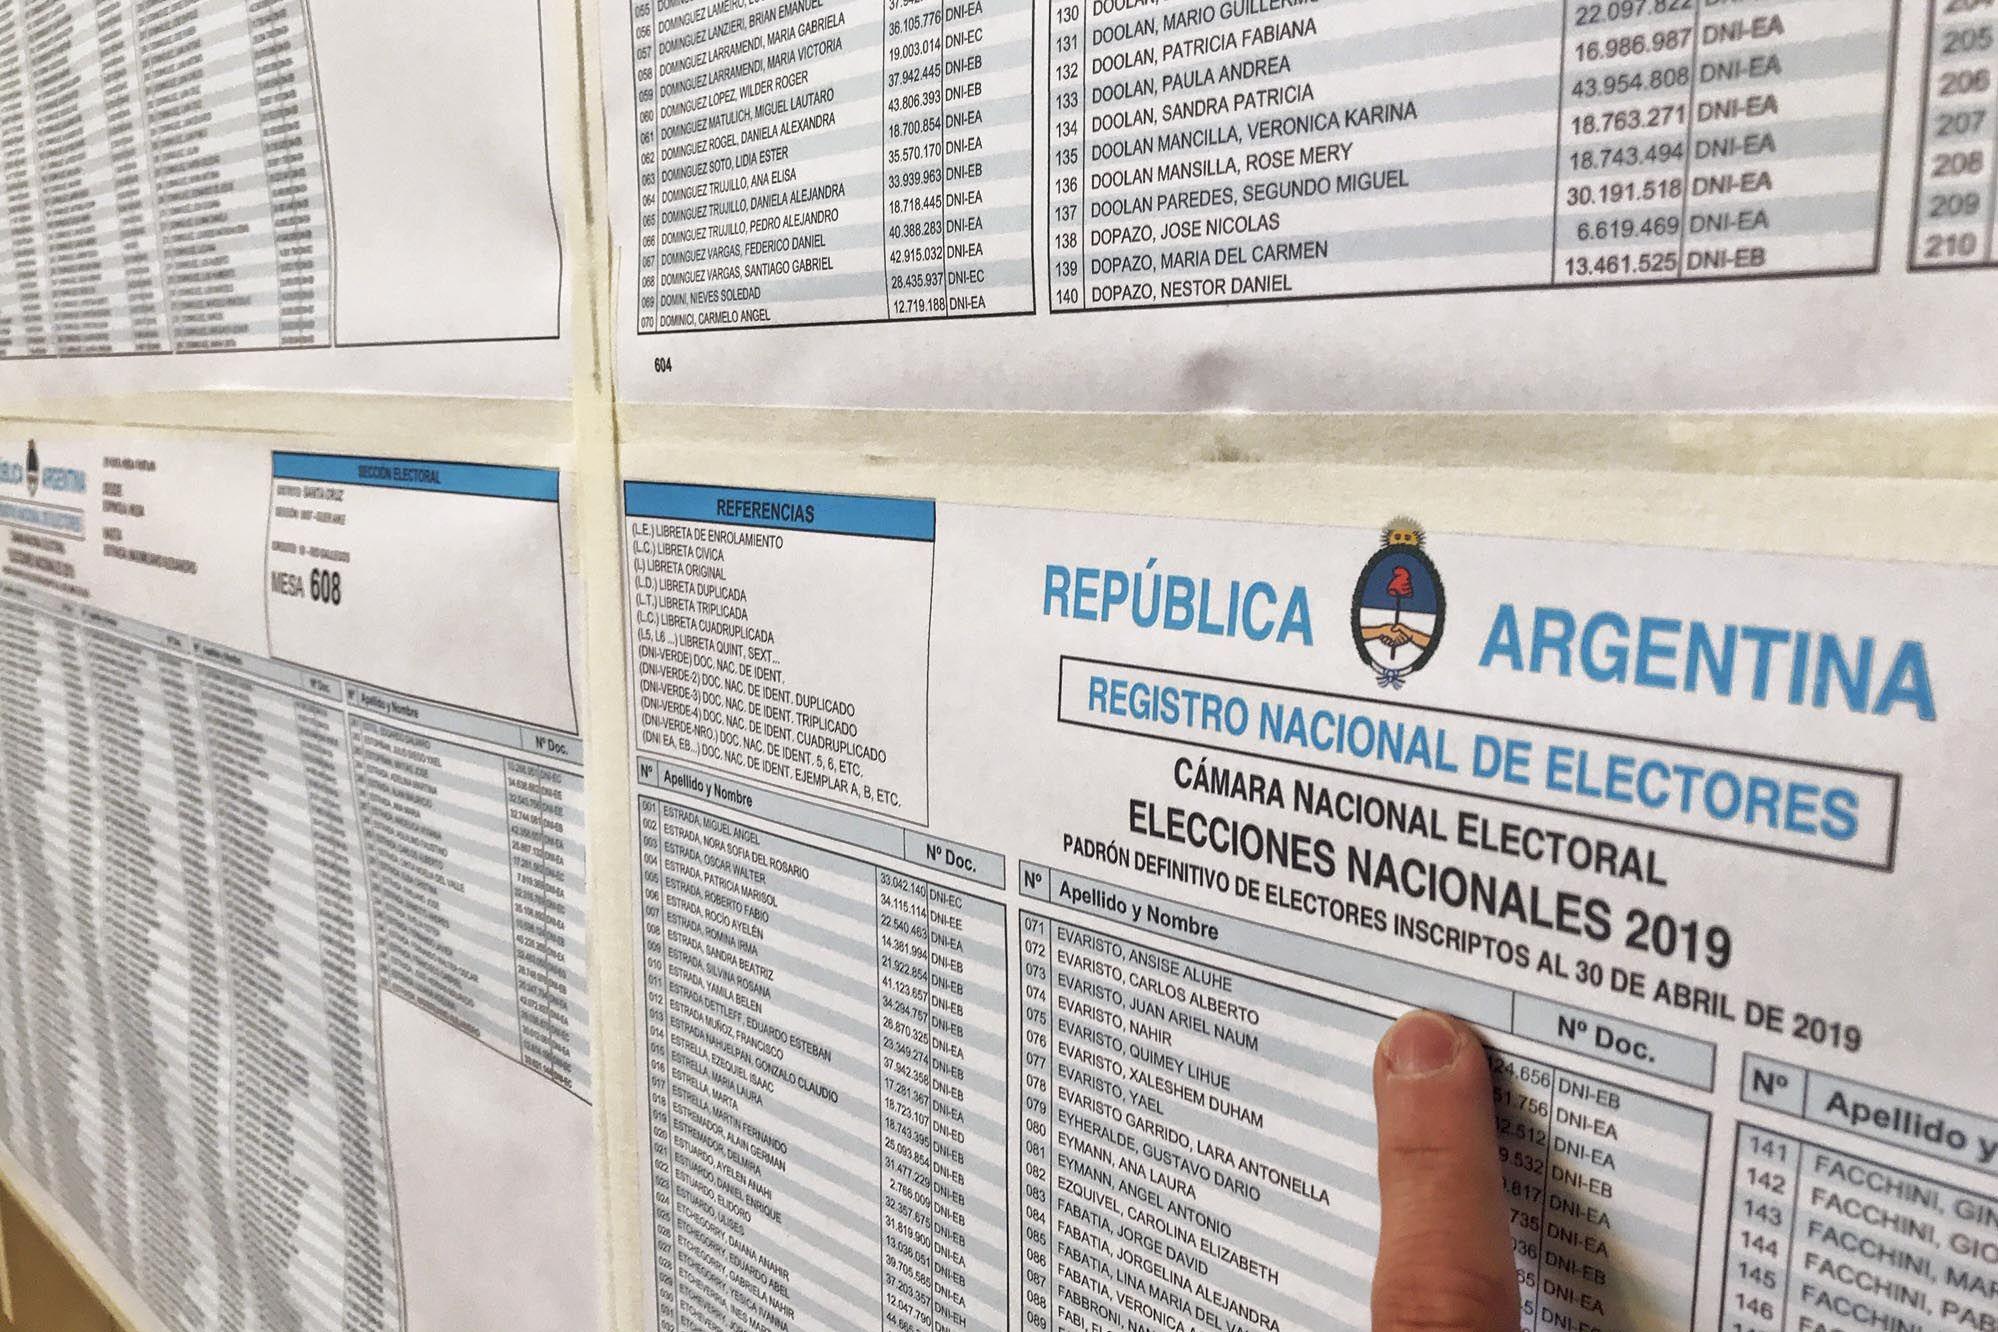 Hubo acuerdo entre el Gobierno y Cambiemos para votar el 12 de septiembre y el 14 de noviembre